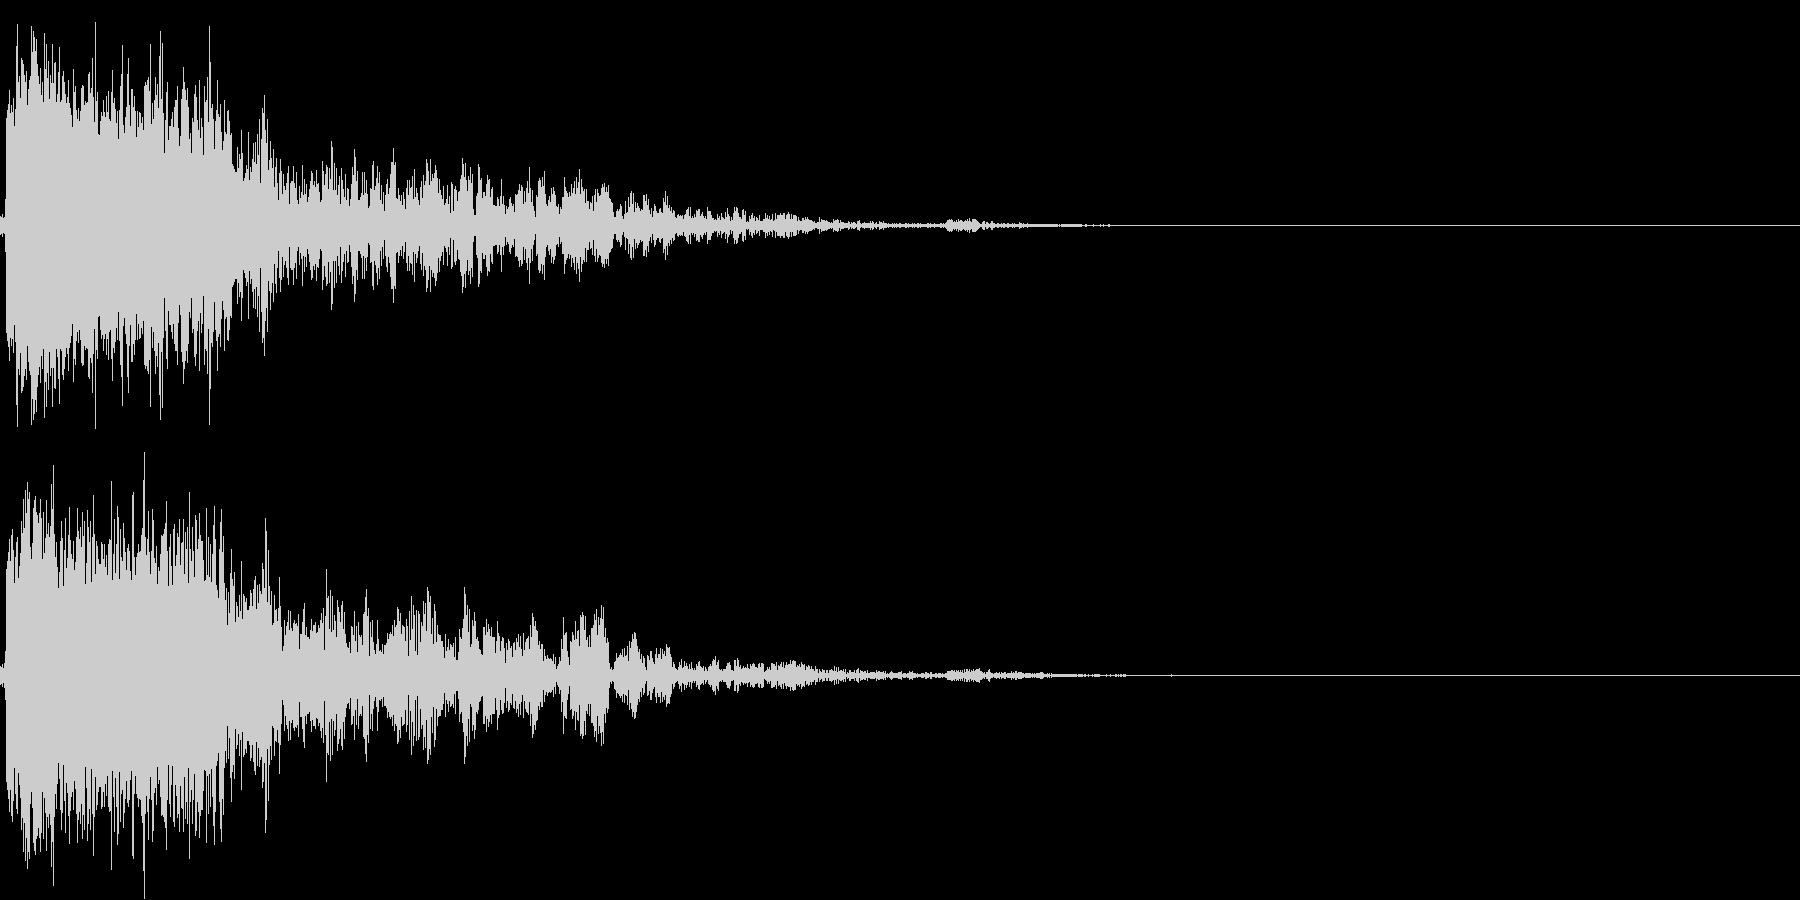 アニメ系のロボット爆発、破壊の効果音01の未再生の波形